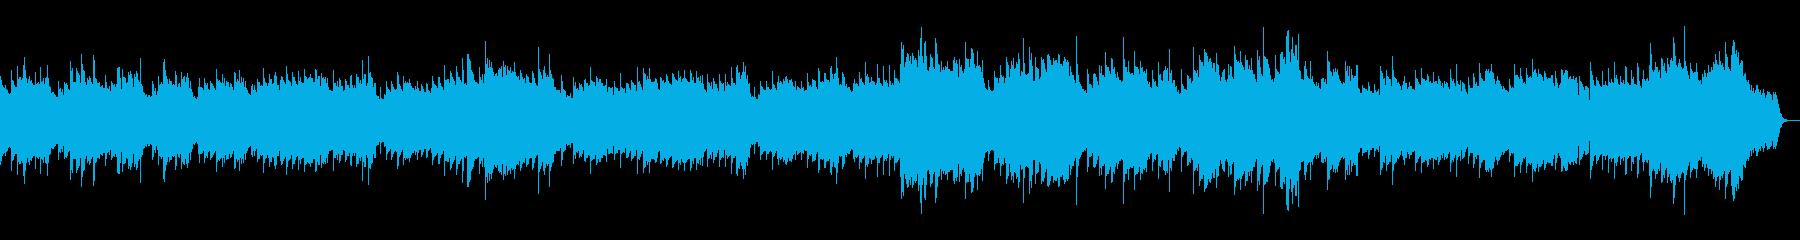 回想シーン・心が癒されるムードBGMの再生済みの波形